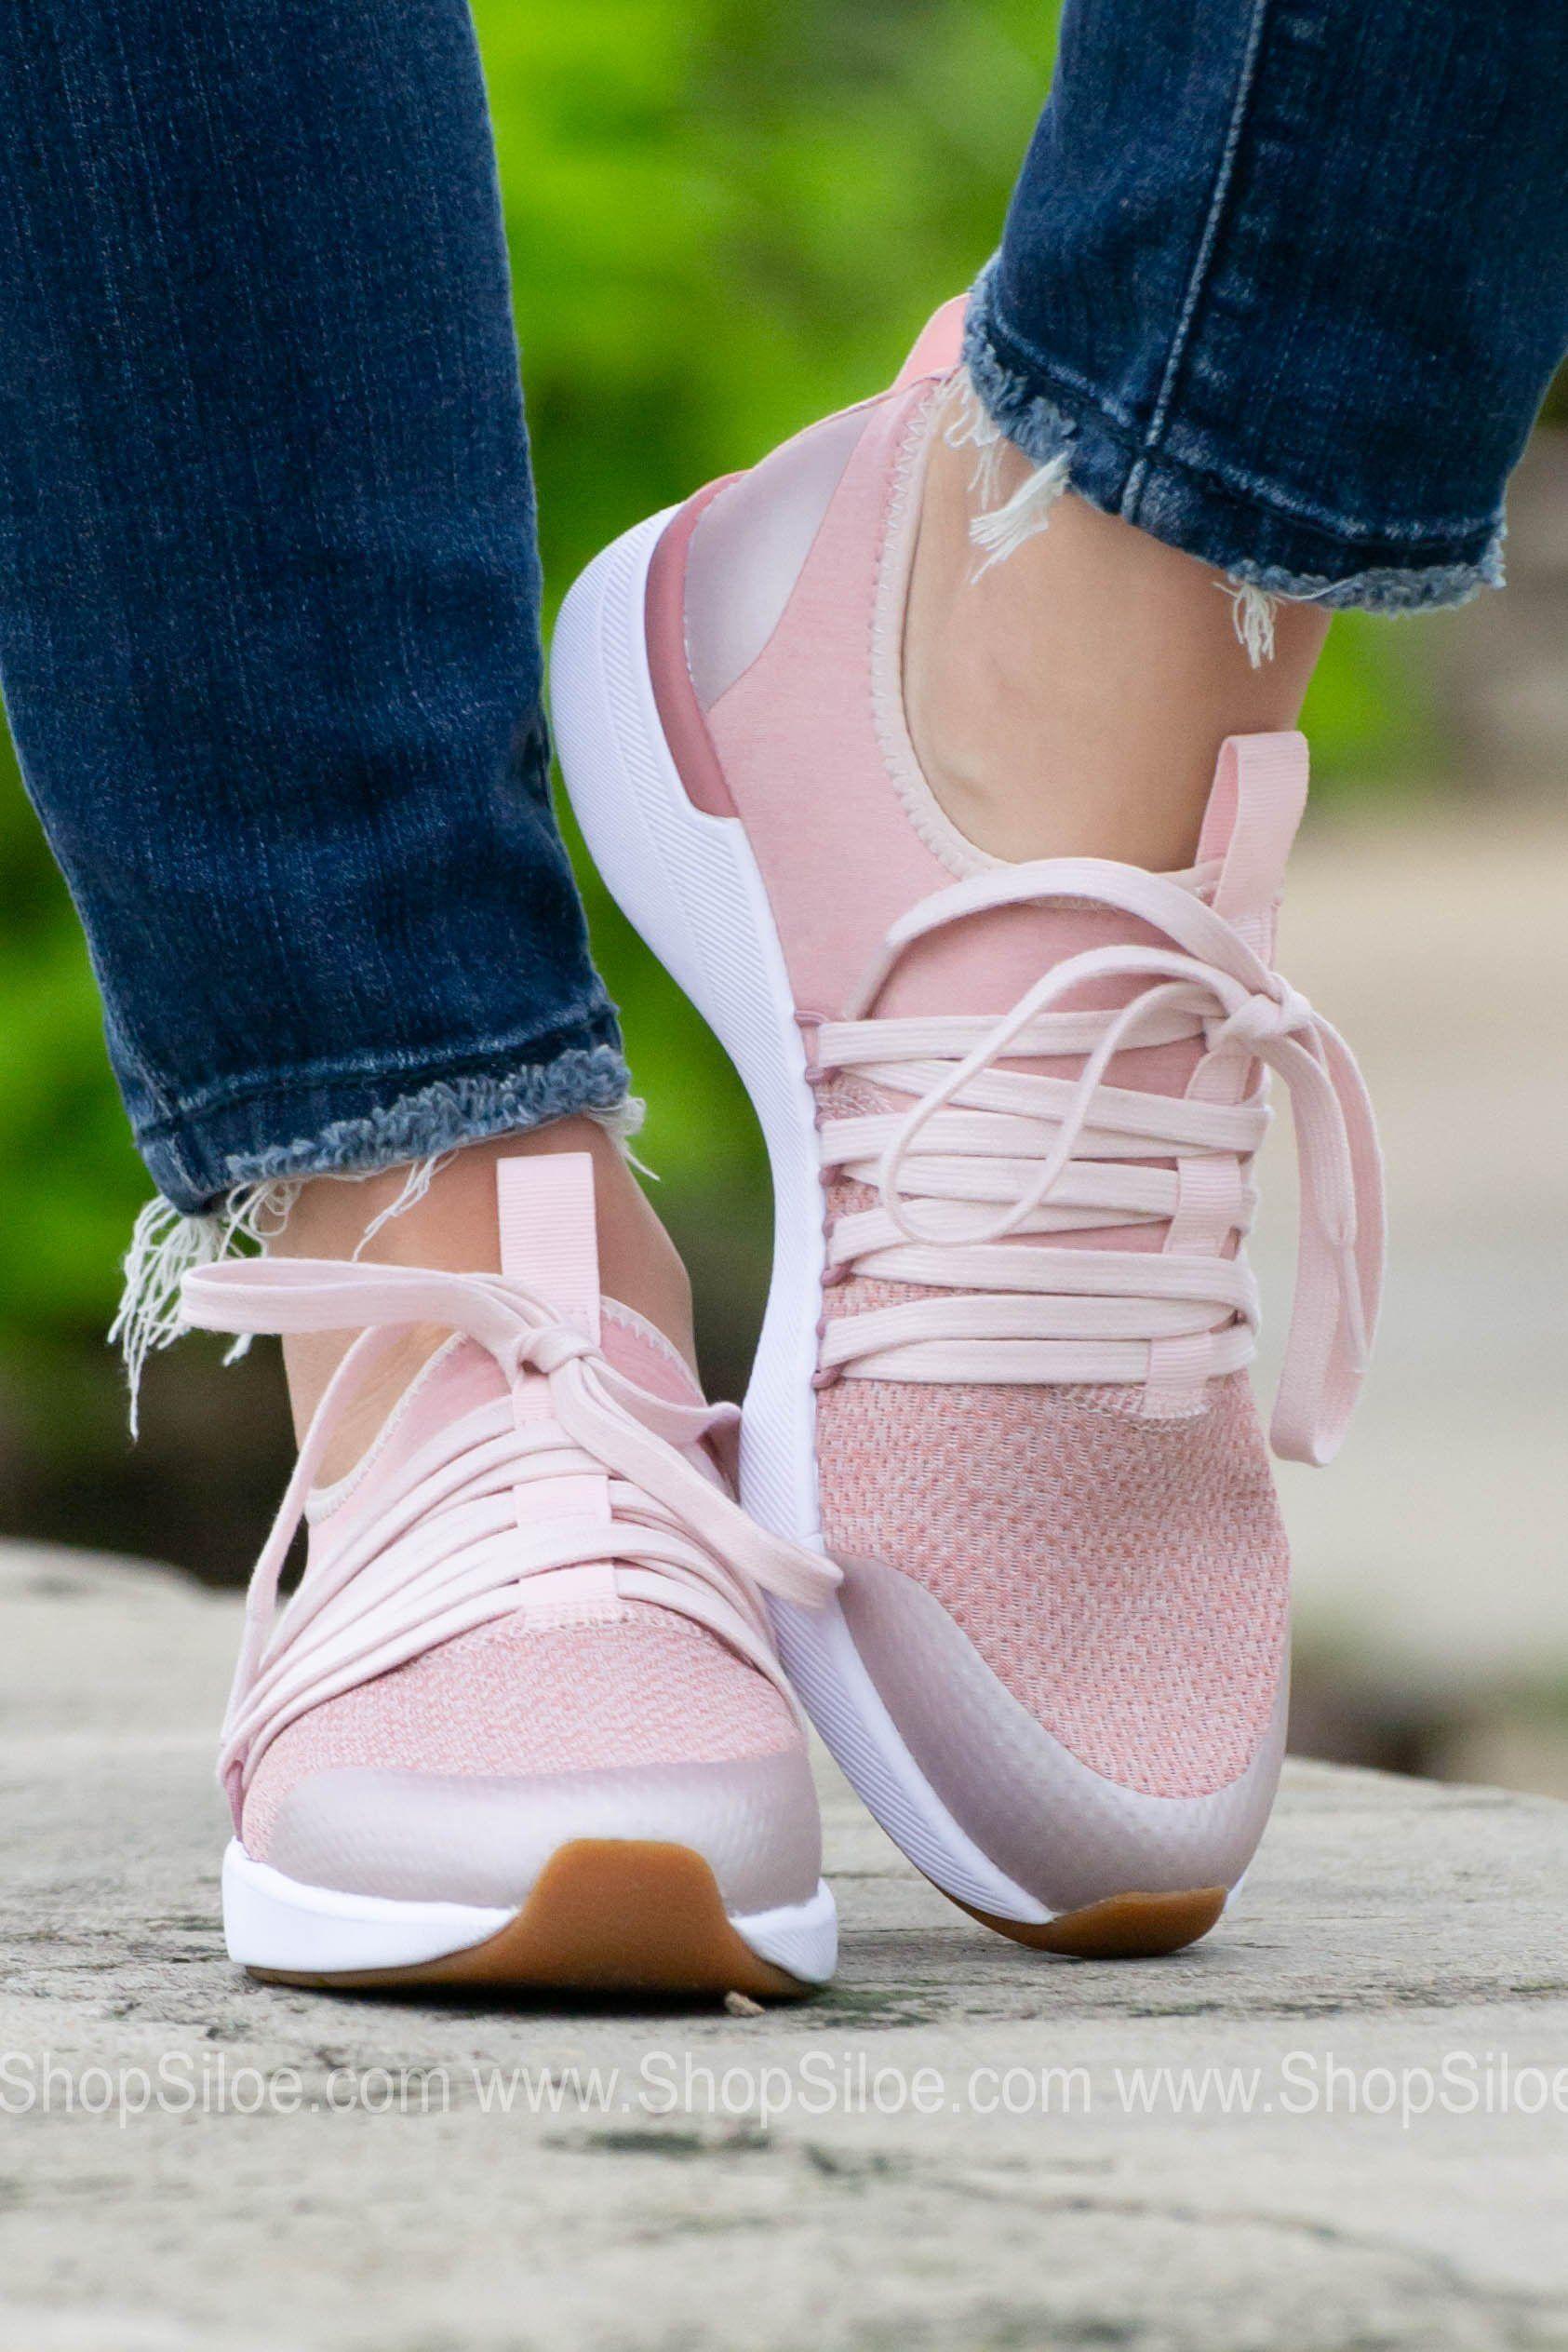 3cc4759866e8 Keds Studio Flash Mesh Shoes